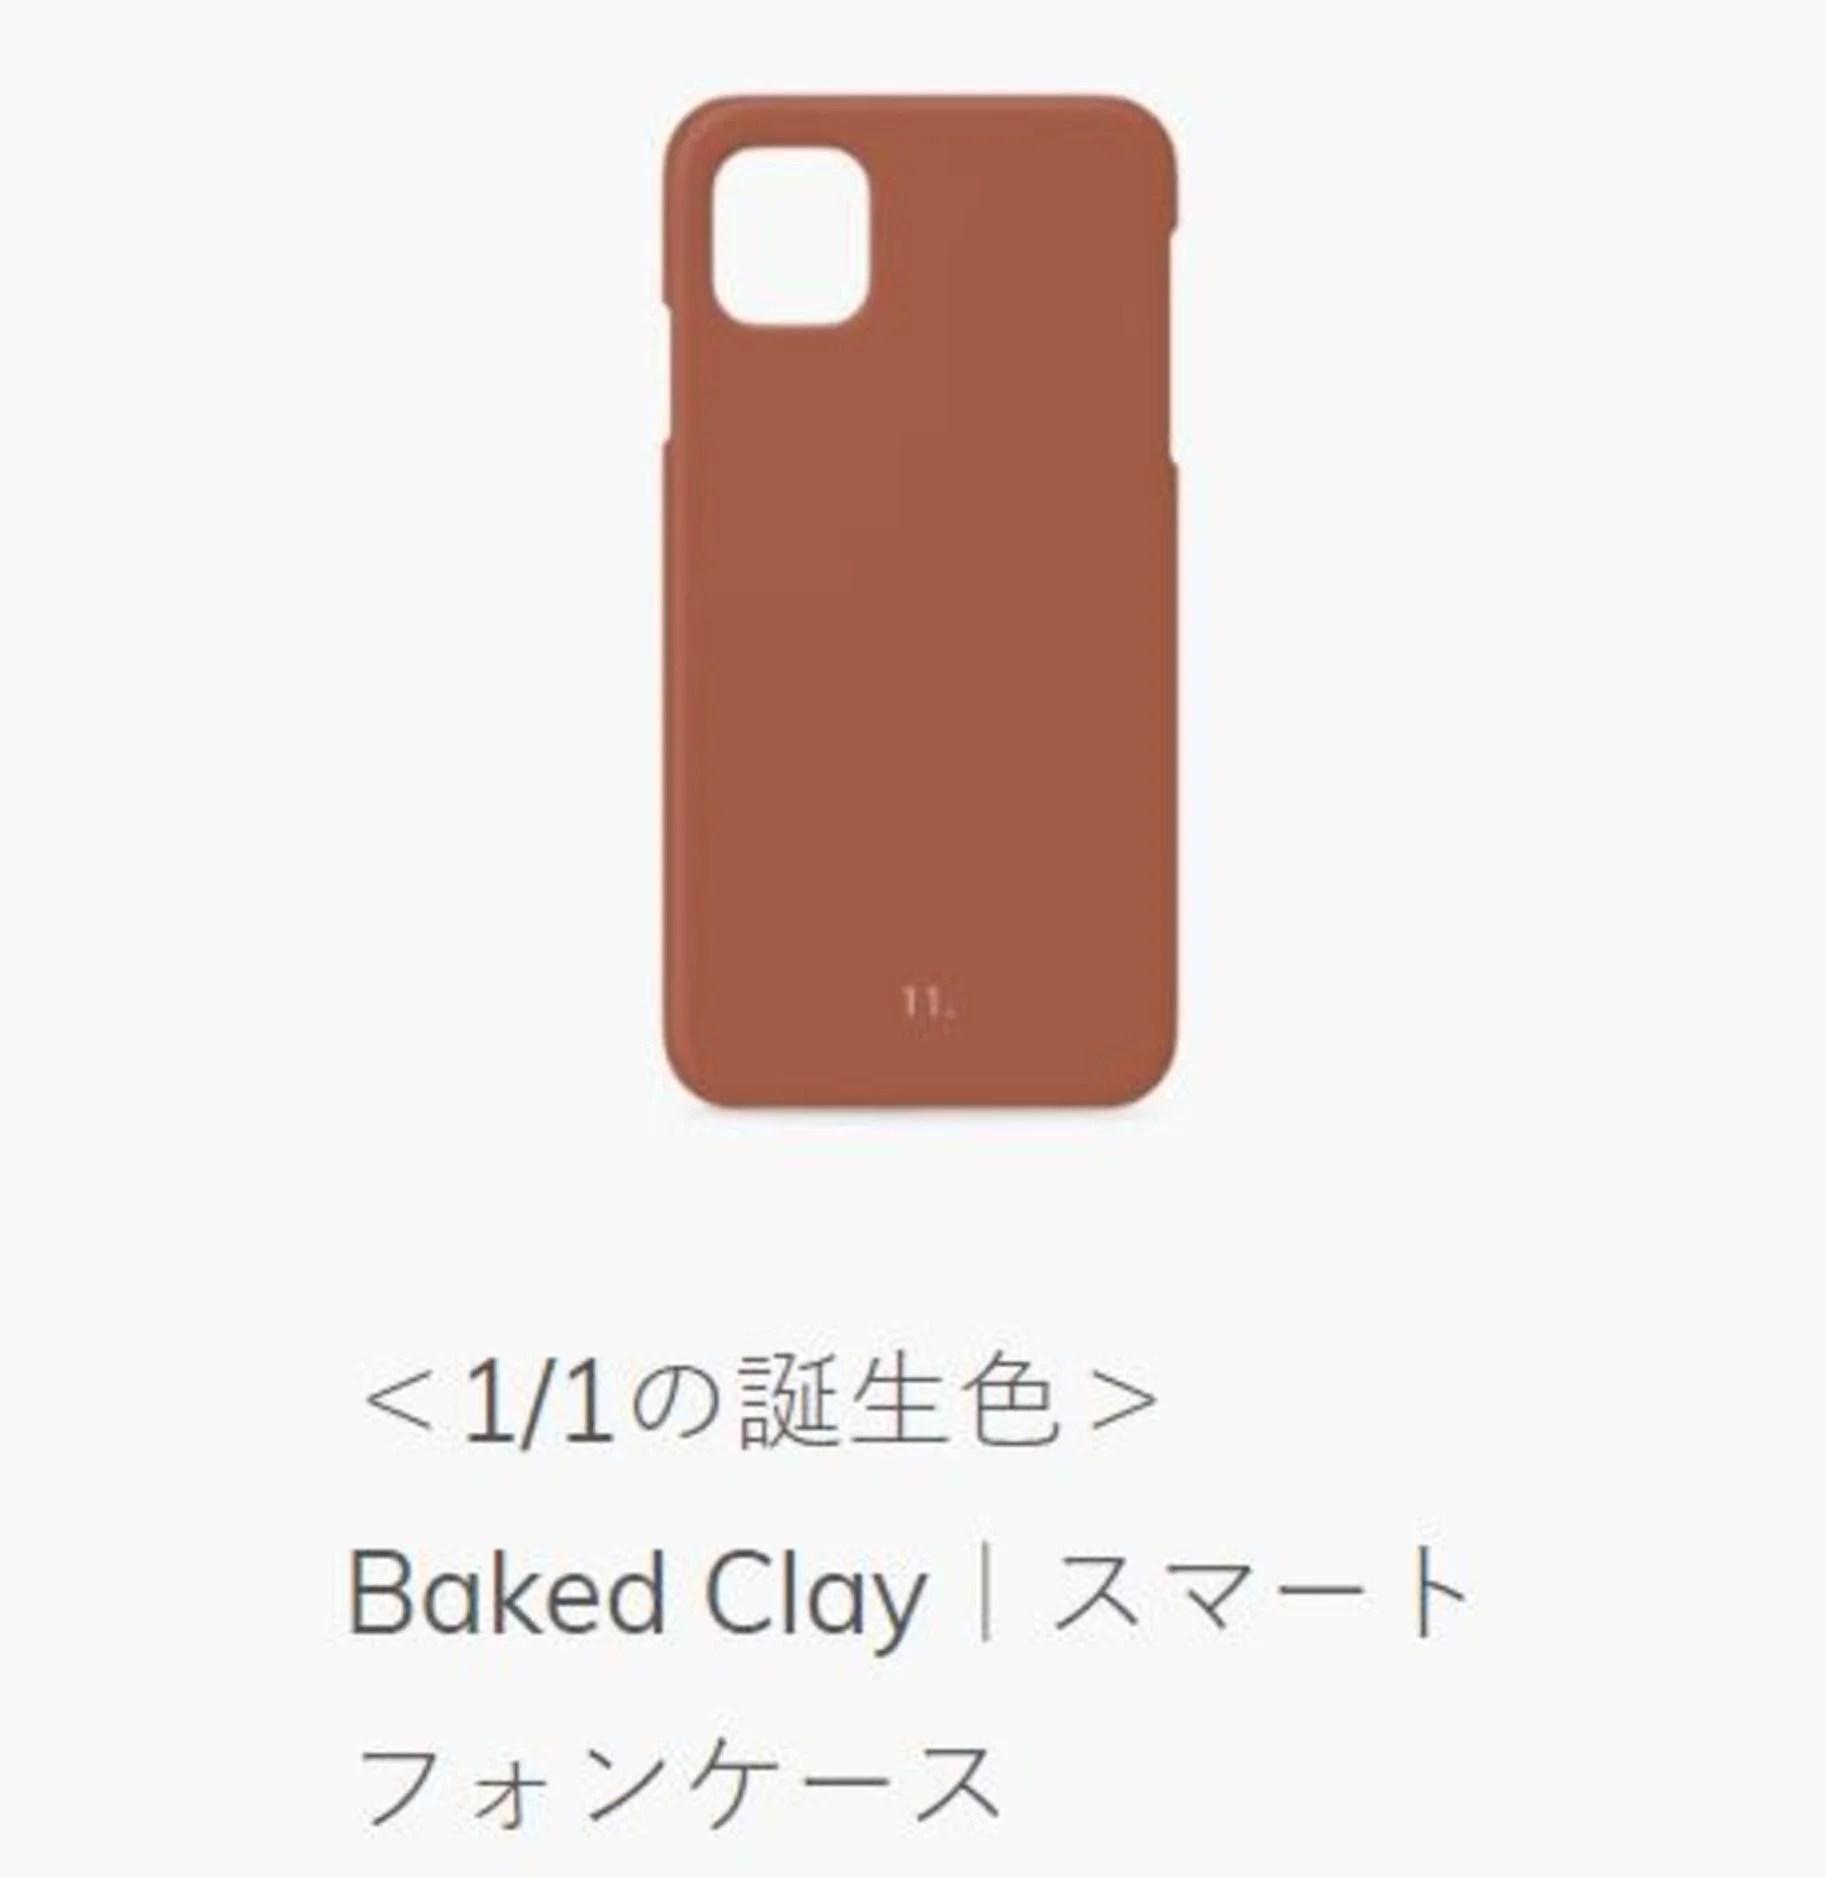 【誕生色手機殼】 每個月份都有專屬色系及特性 配襯不同顏色手機殼來增加個人運勢吧! | TopBeauty